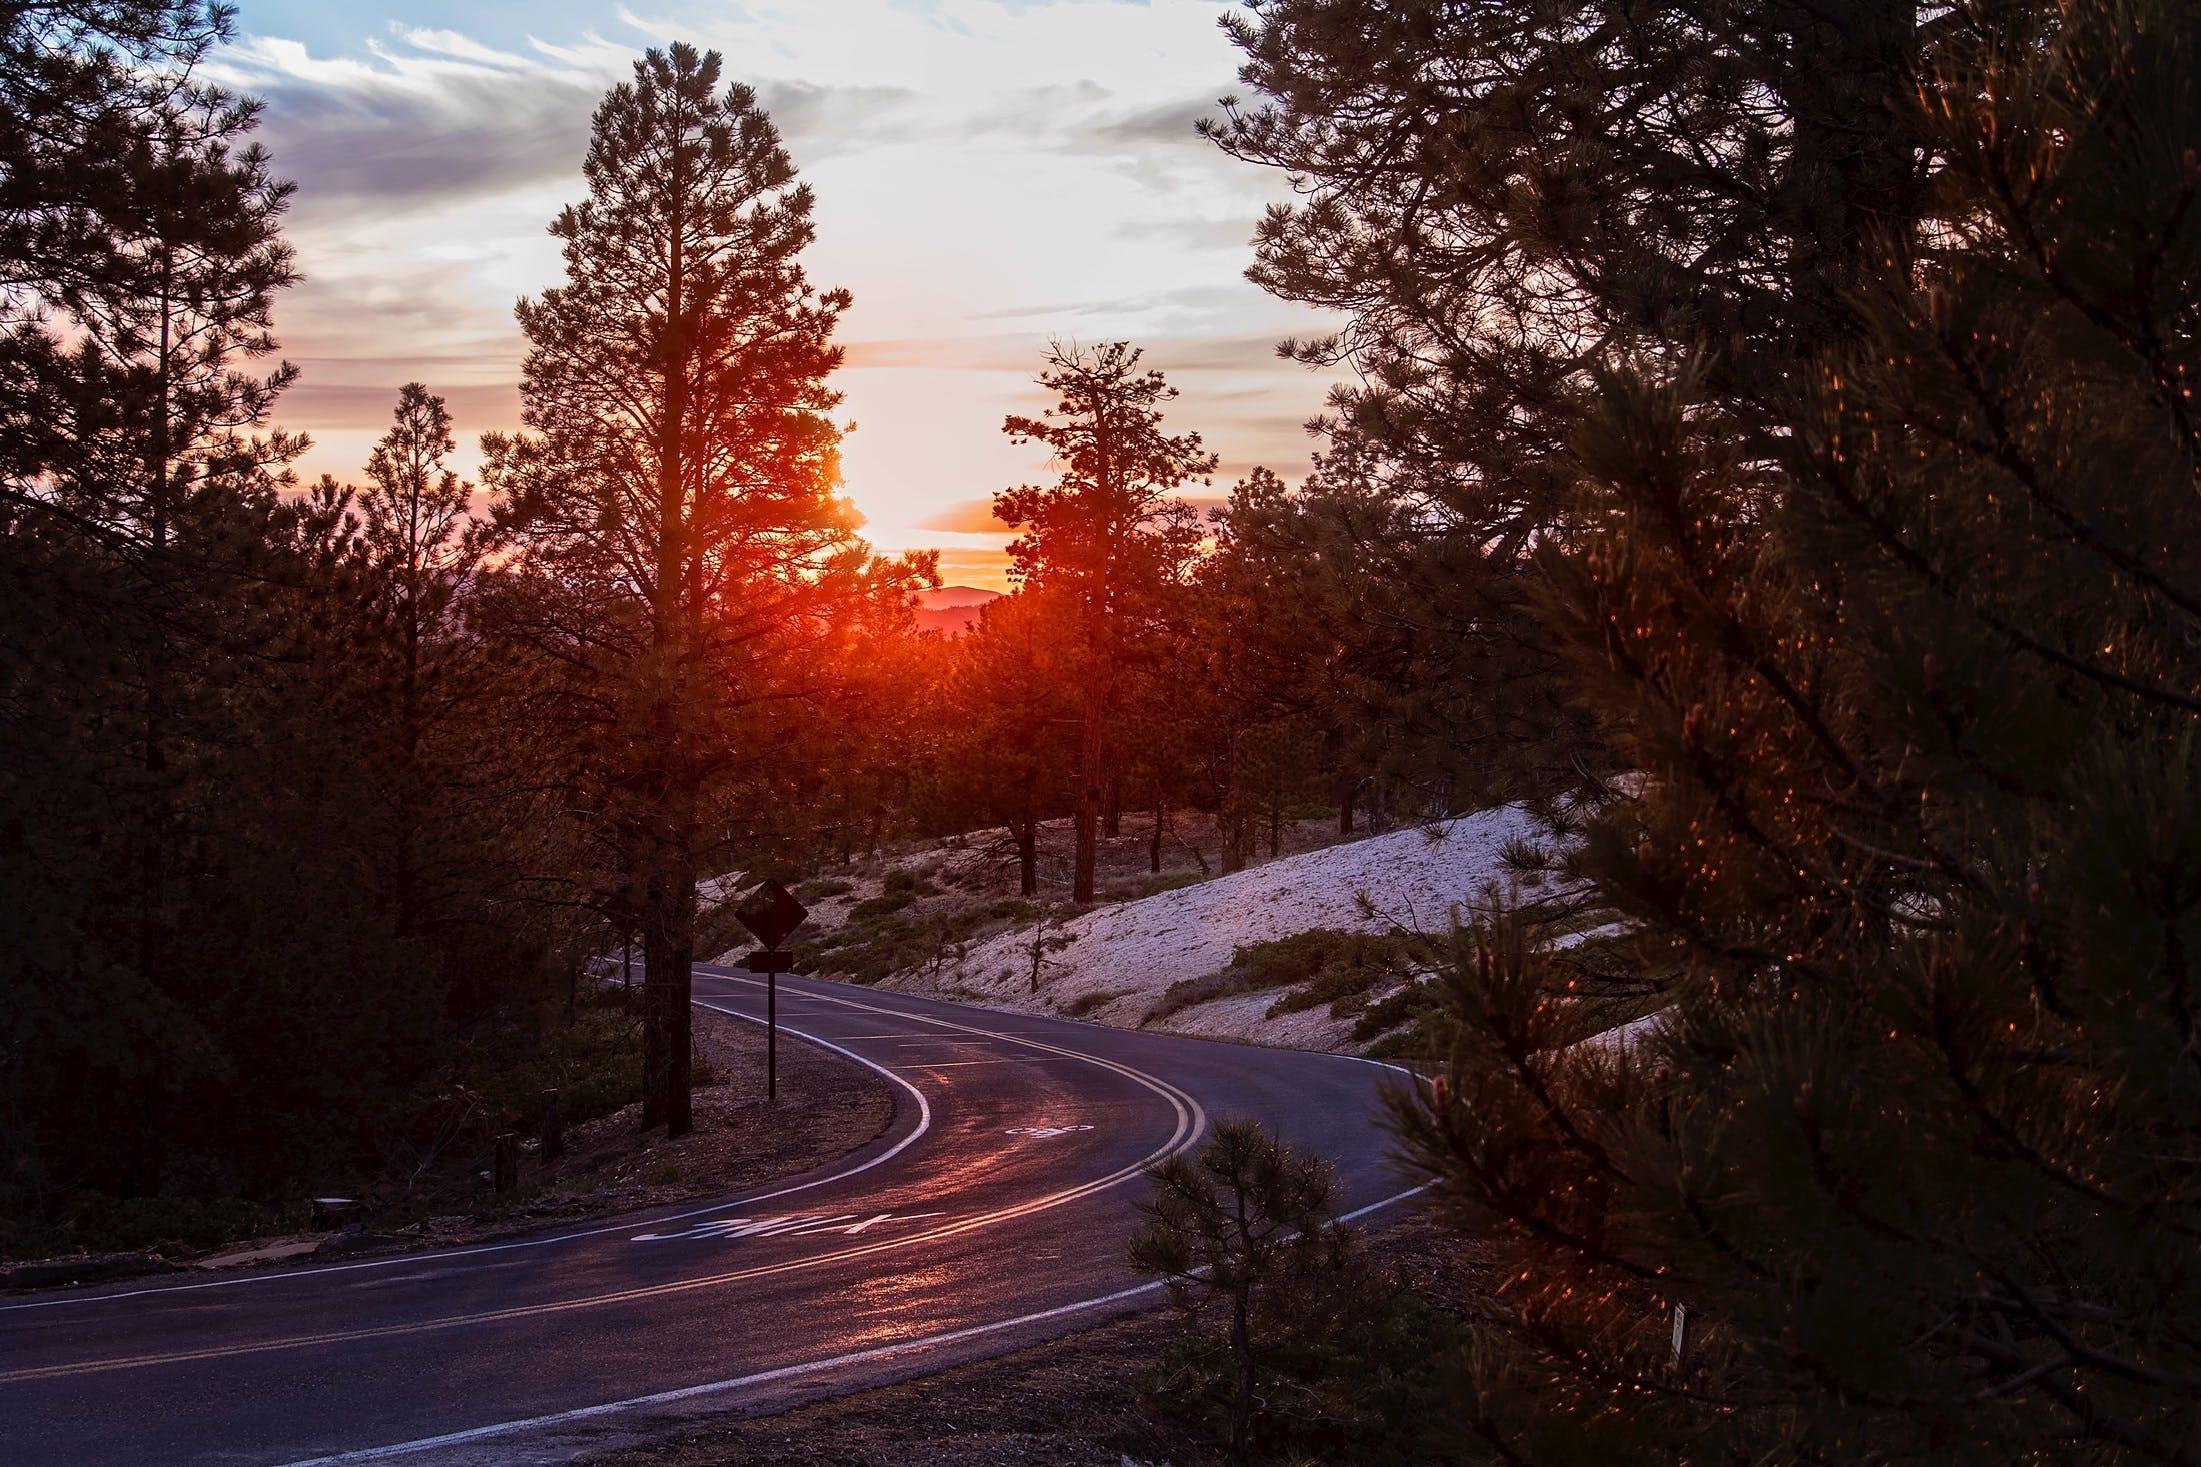 Kostenloses Stock Foto zu bäume, dämmerung, landschaftlich, schnee